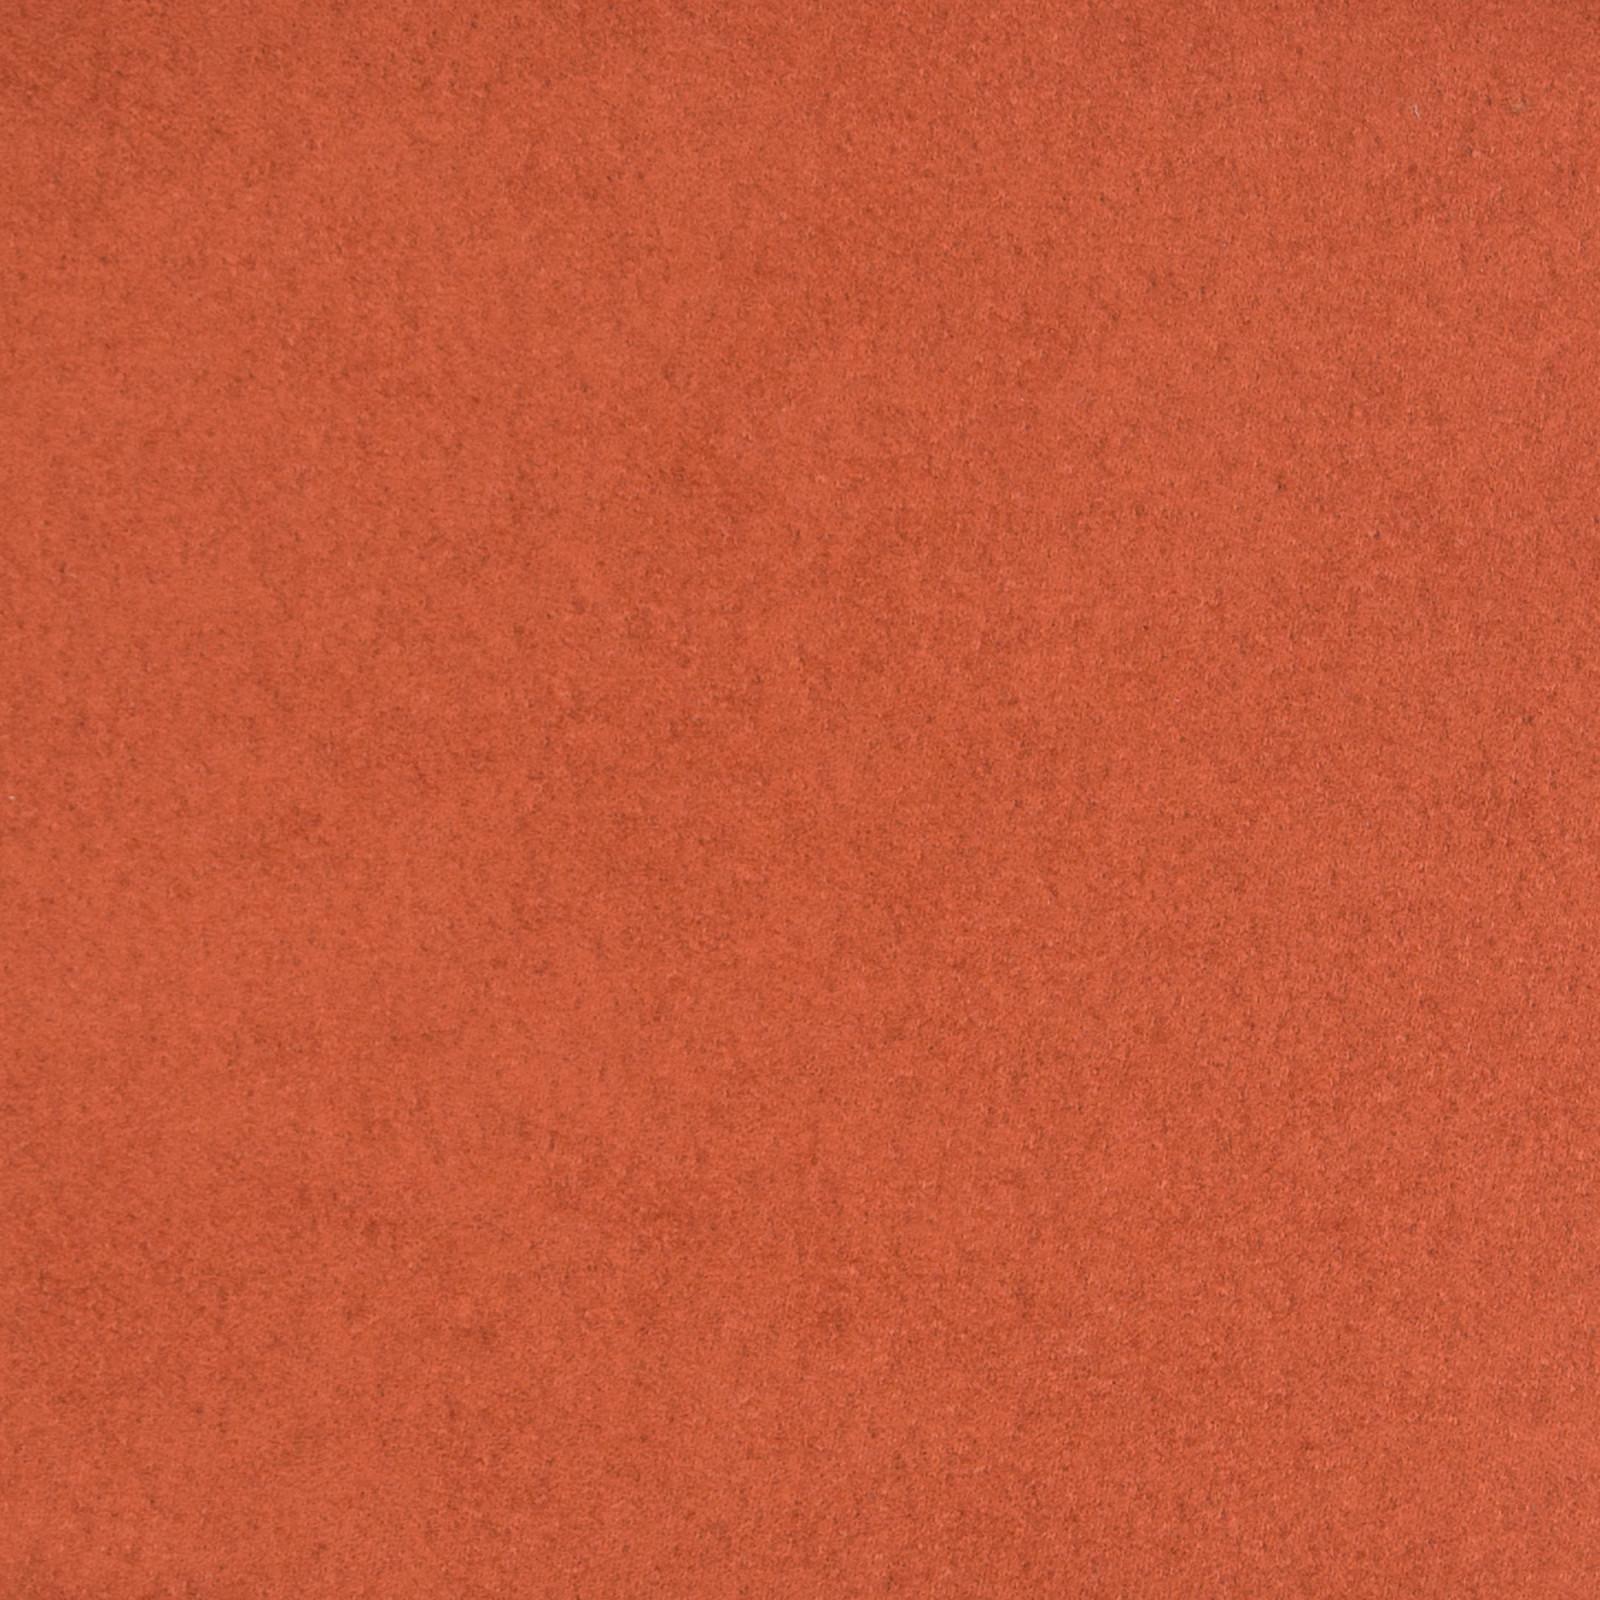 75400 Terracotta Greenhouse Fabrics : 75400 from www.greenhousefabrics.com size 1600 x 1600 jpeg 622kB